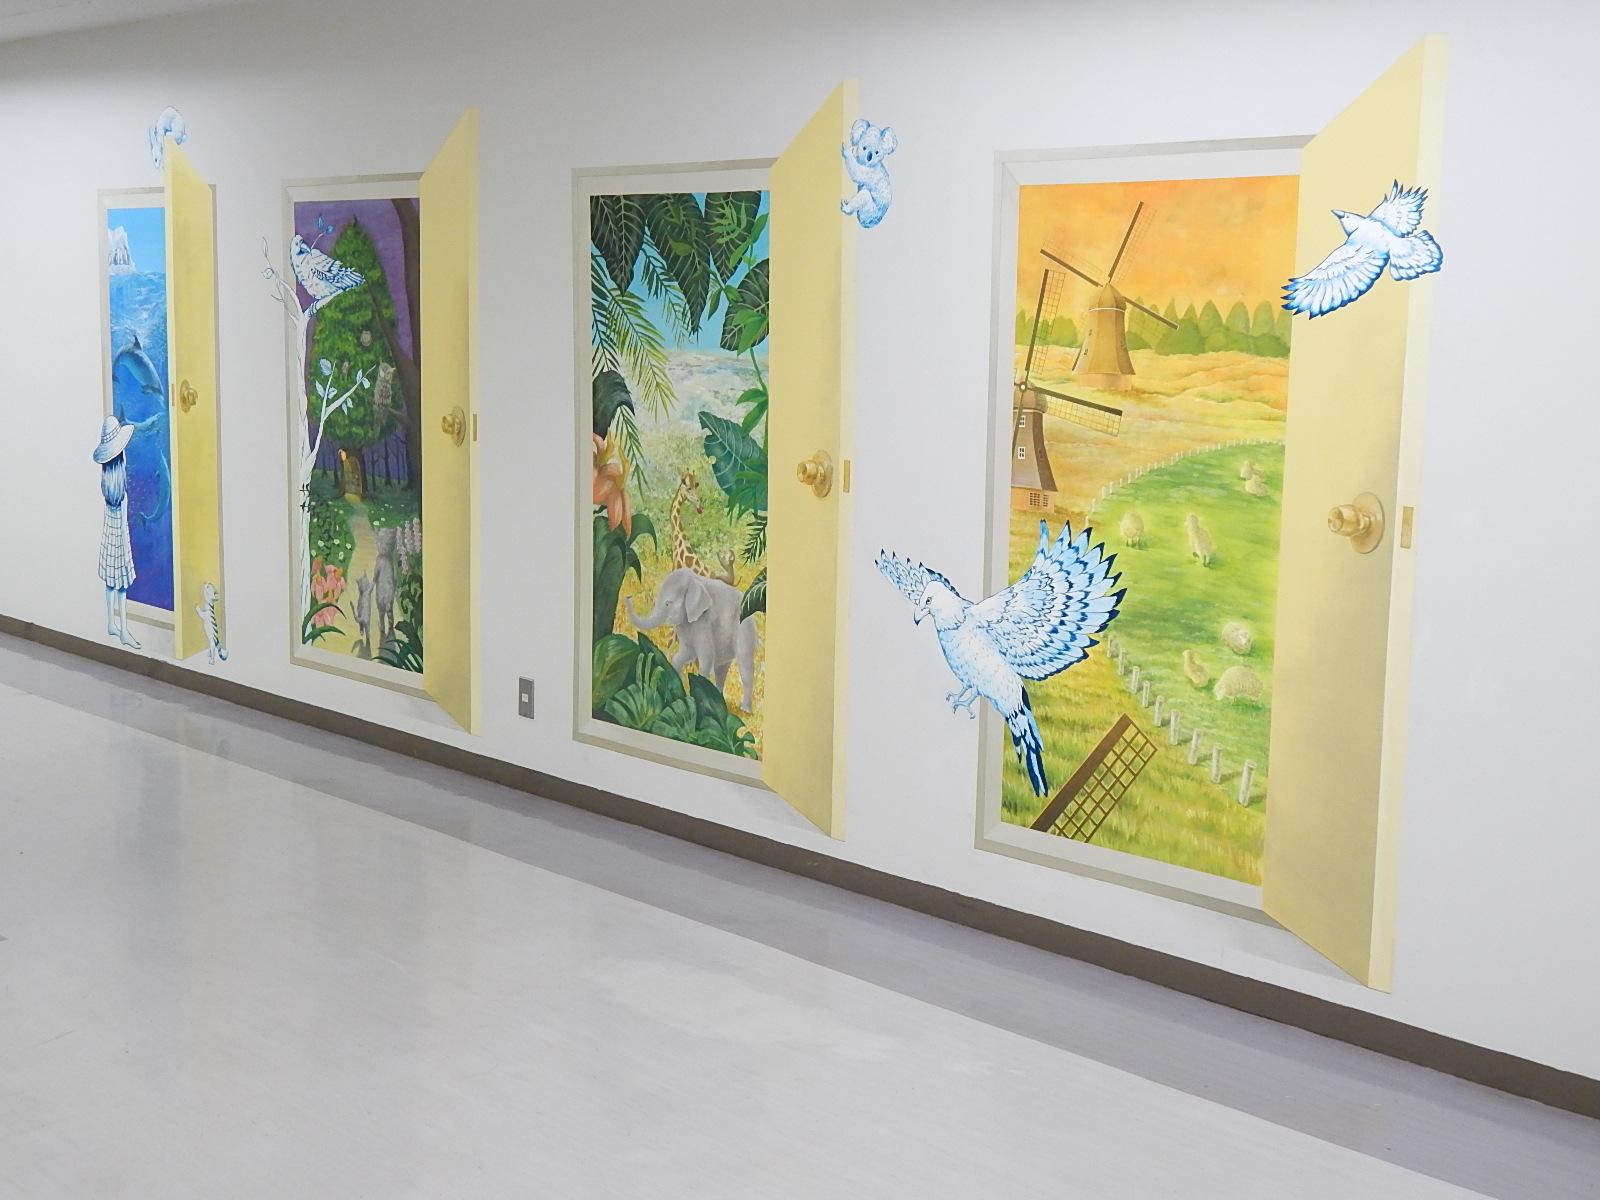 中高生が病院に壁画を制作 -- 昭和大学藤が丘病院・藤が丘リハビリテーション病院